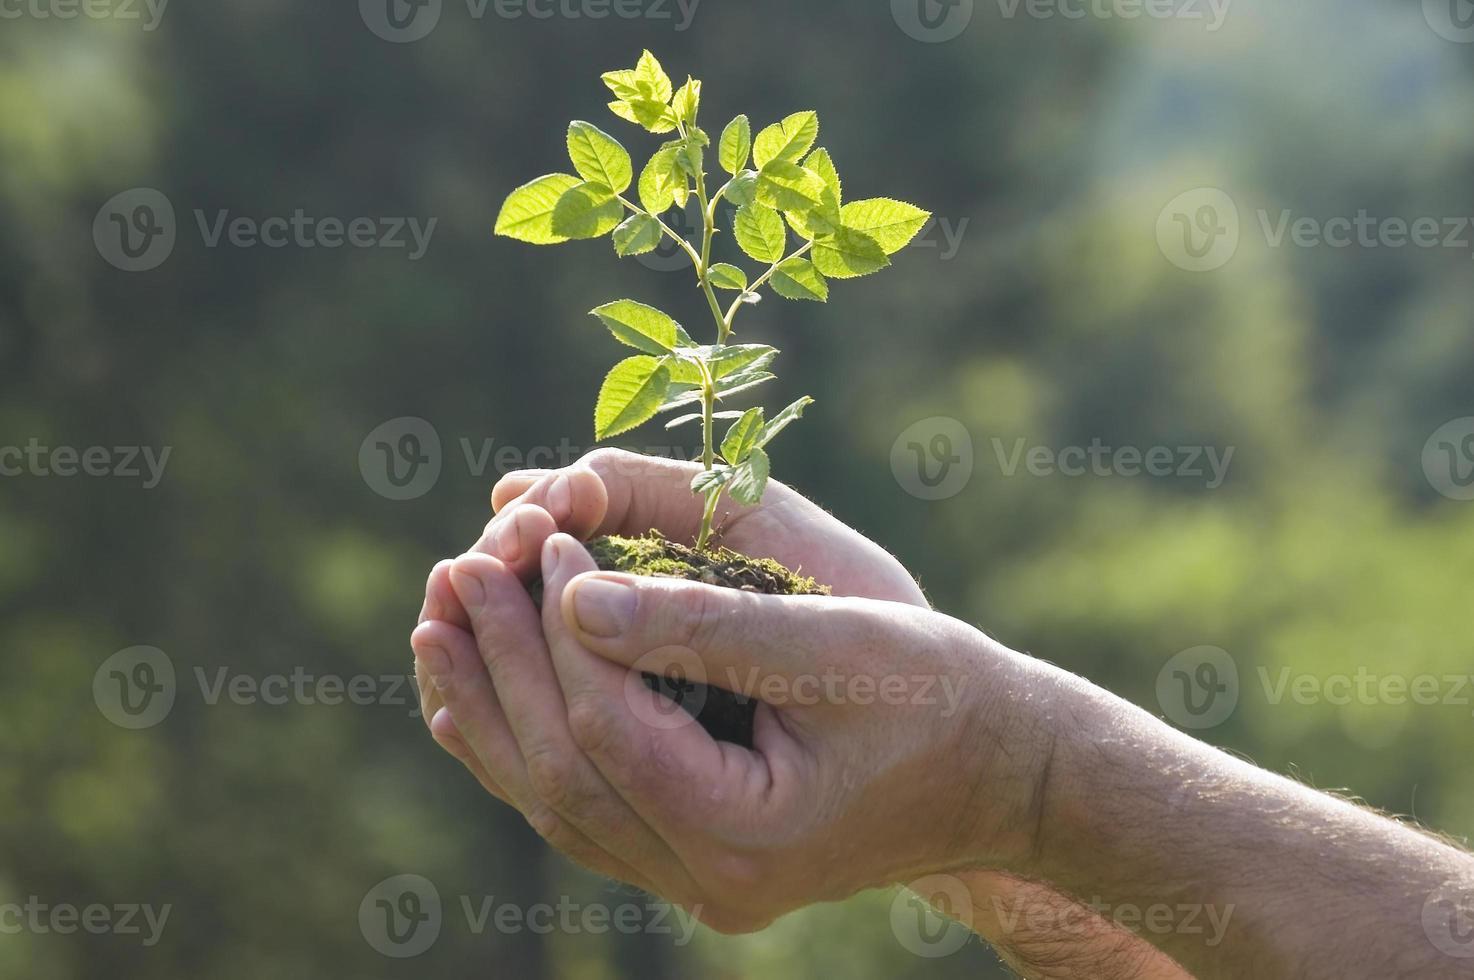 zwei Hände umklammern einen Baumsetzling foto